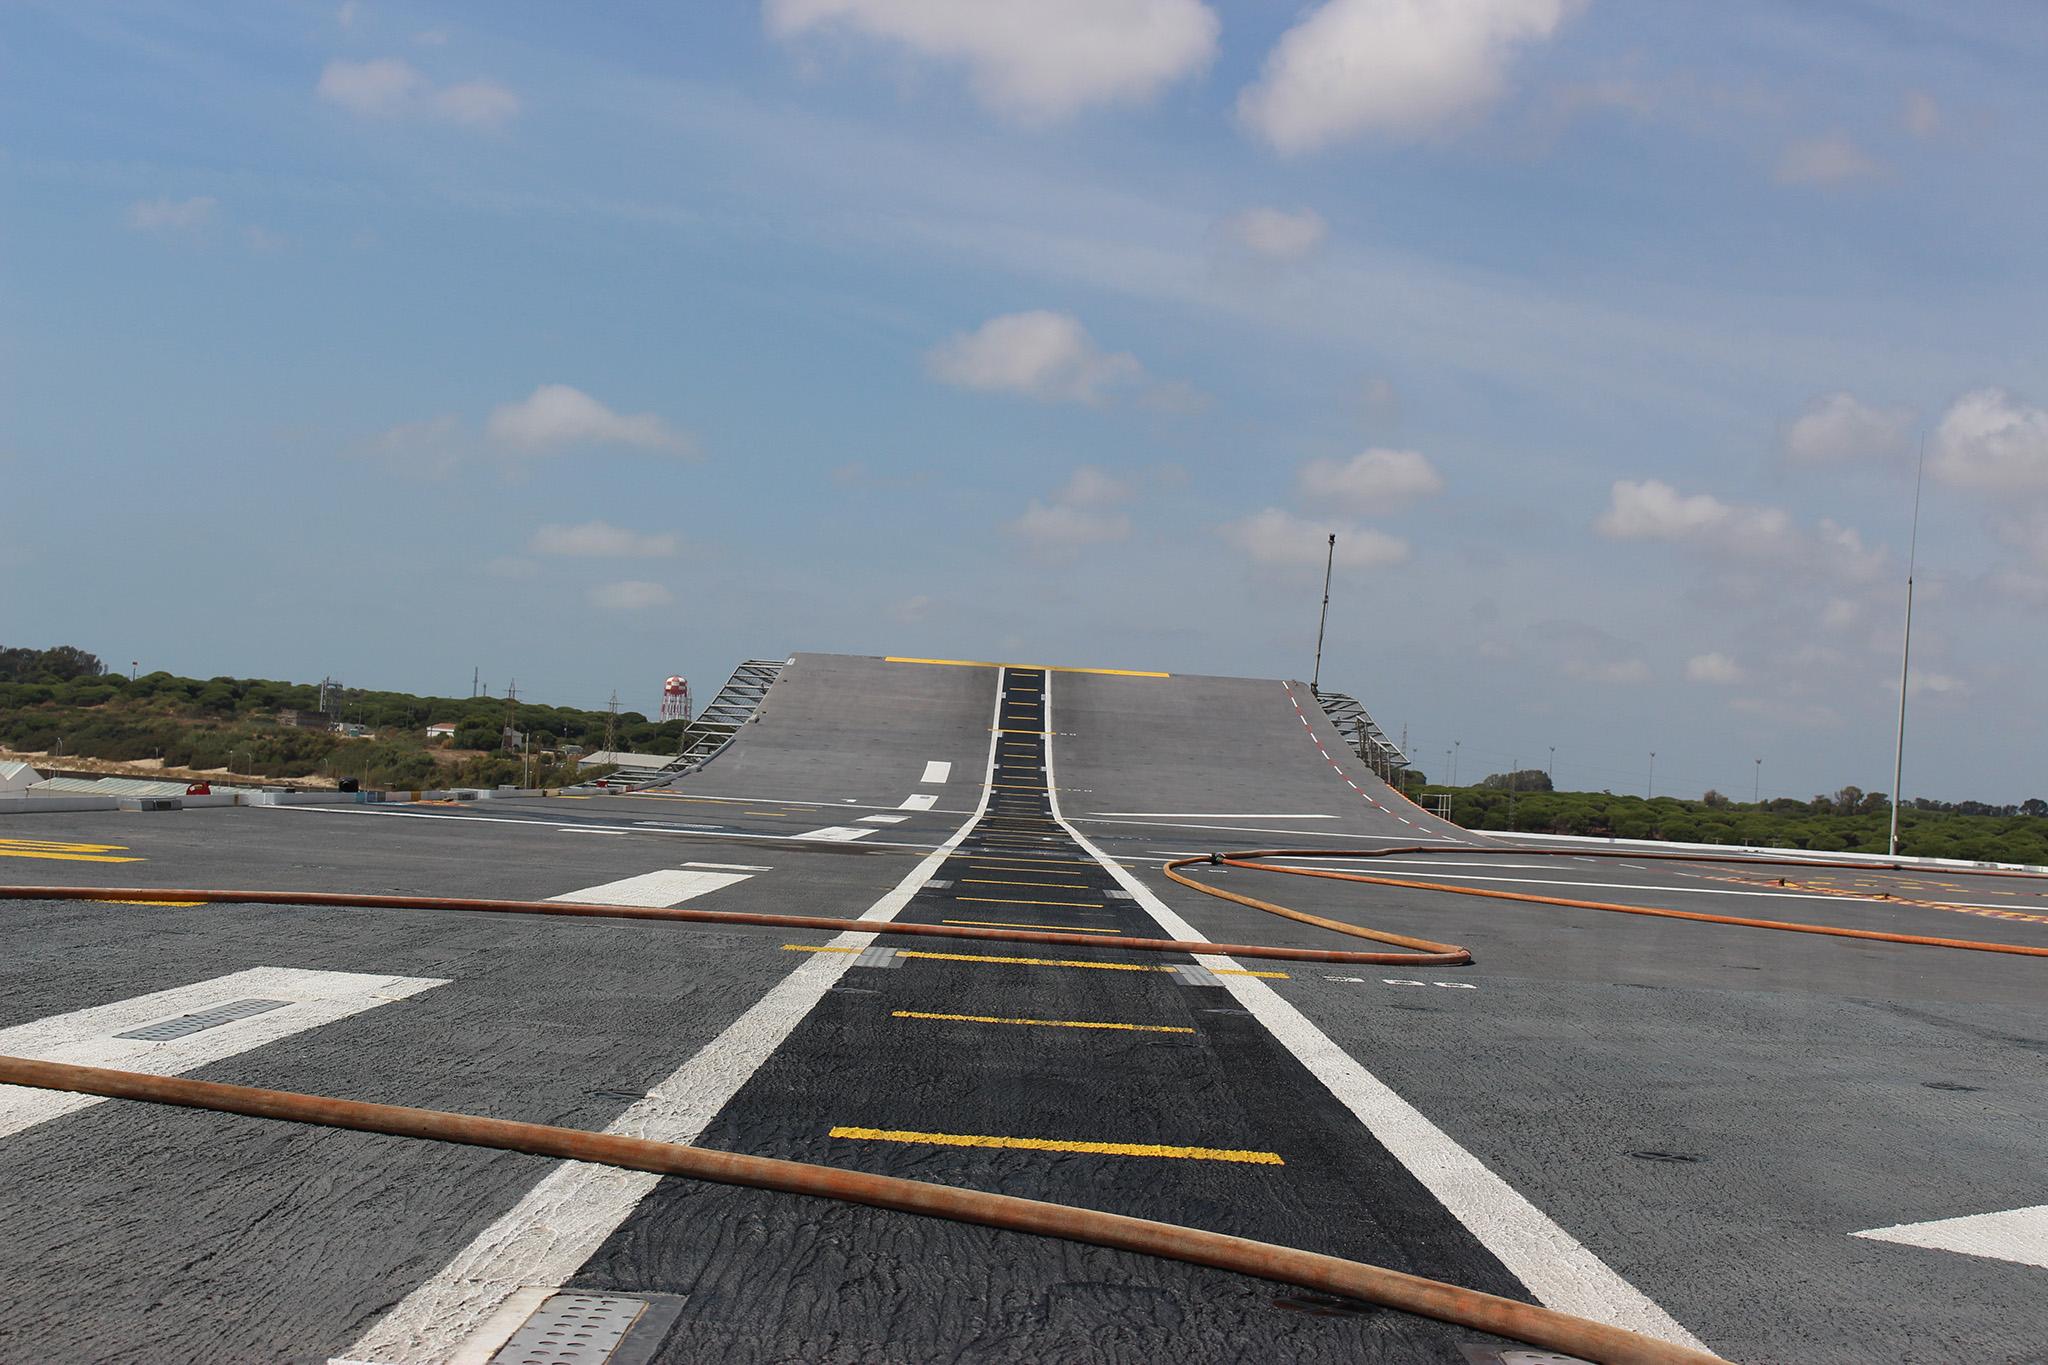 Detalle de la cubierta de vuelo y sky jump. Fuente: Hispaviación